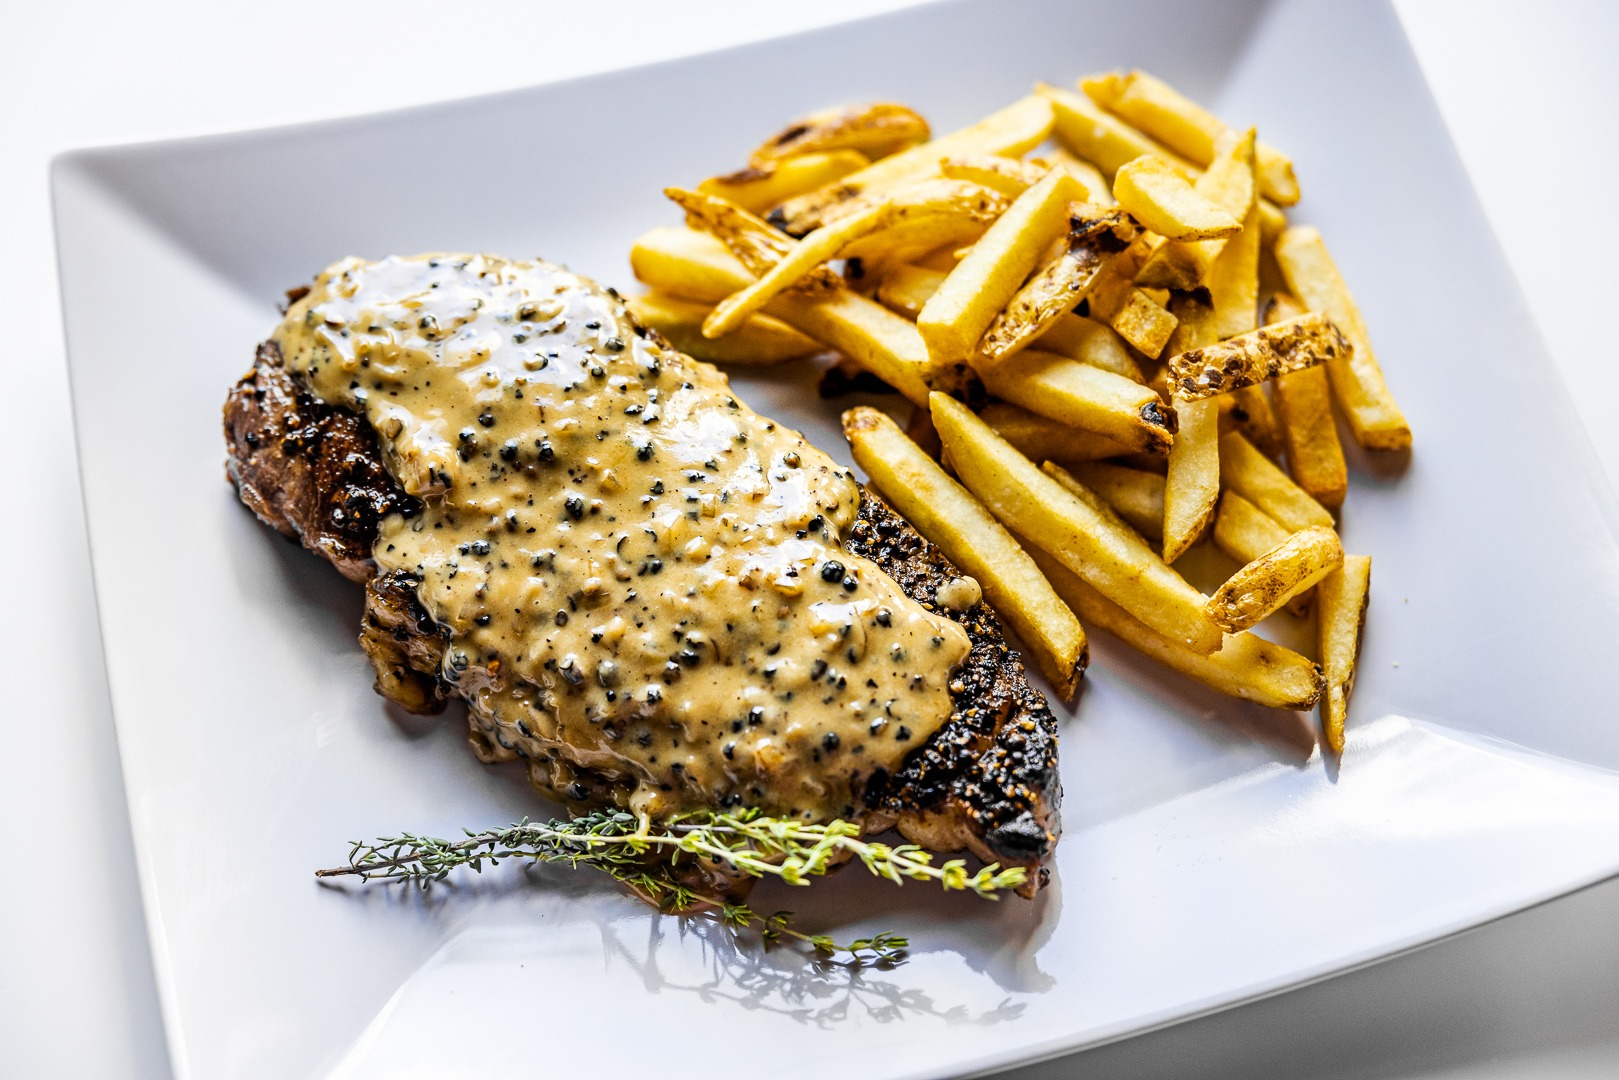 Classic Steak au poivre recipe